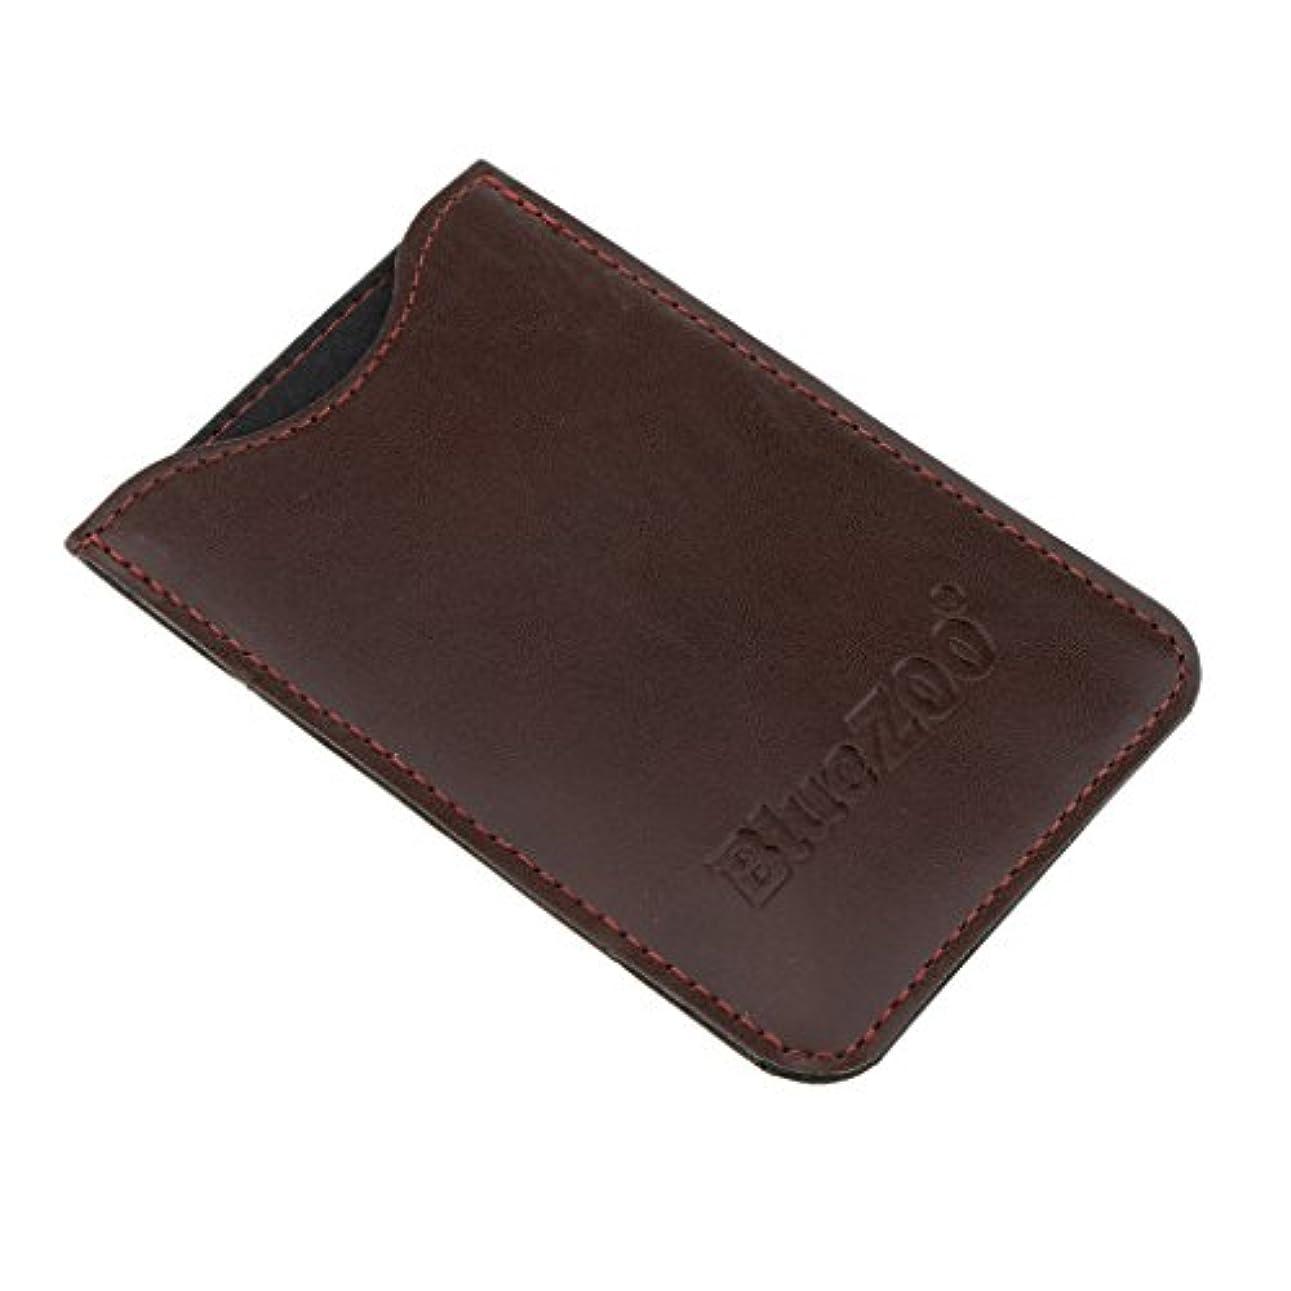 ロケーション花嫁すなわち収納パック 収納ケース 保護カバー 櫛/名刺/IDカード/銀行カード 多機能 高品質 全2色 - 褐色